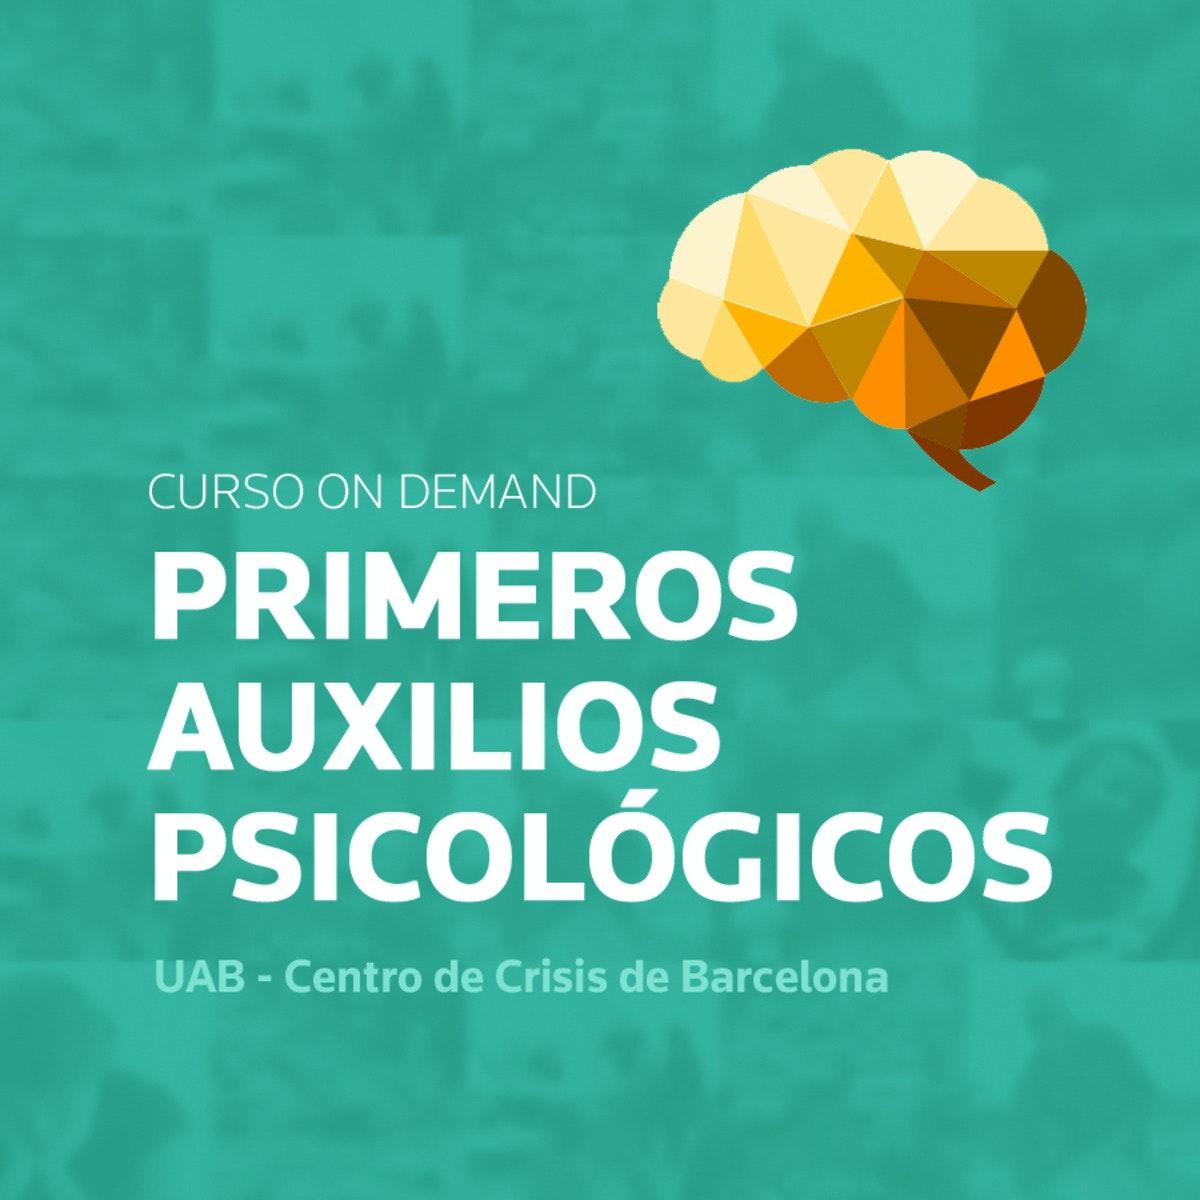 Primeros auxilios psicol gicos pap coursera for Escuelas de jardineria en barcelona